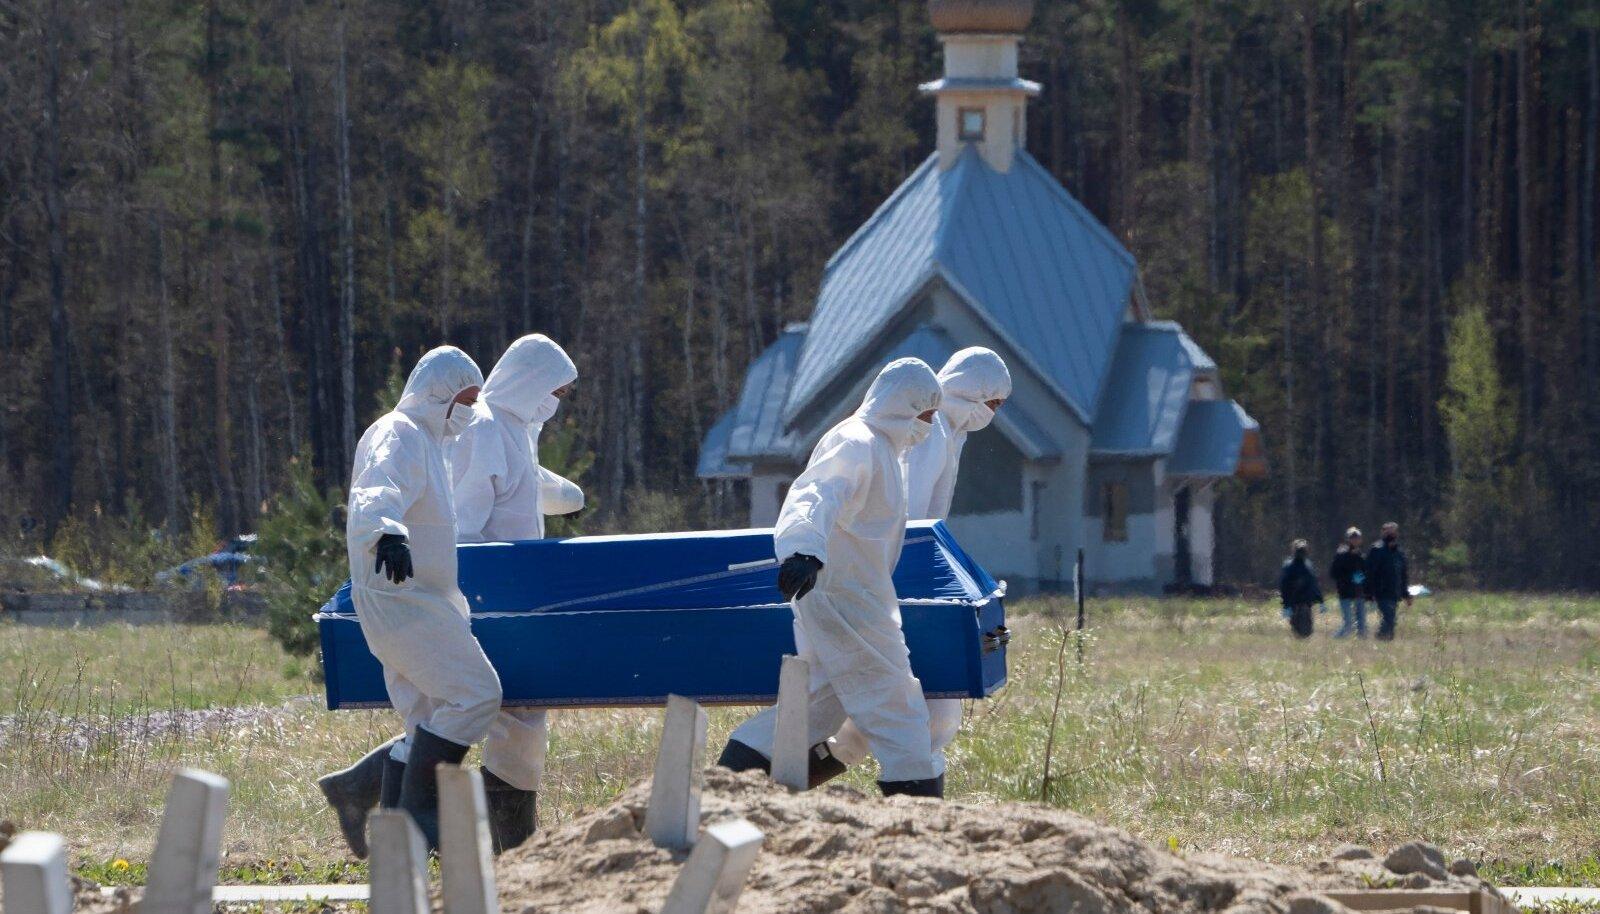 VIIRUS MURRAB: Kaitseriietuses surnumatjad tassivad Venemaal Kolpino lähistel COVID-19 ohvriga kirstu.